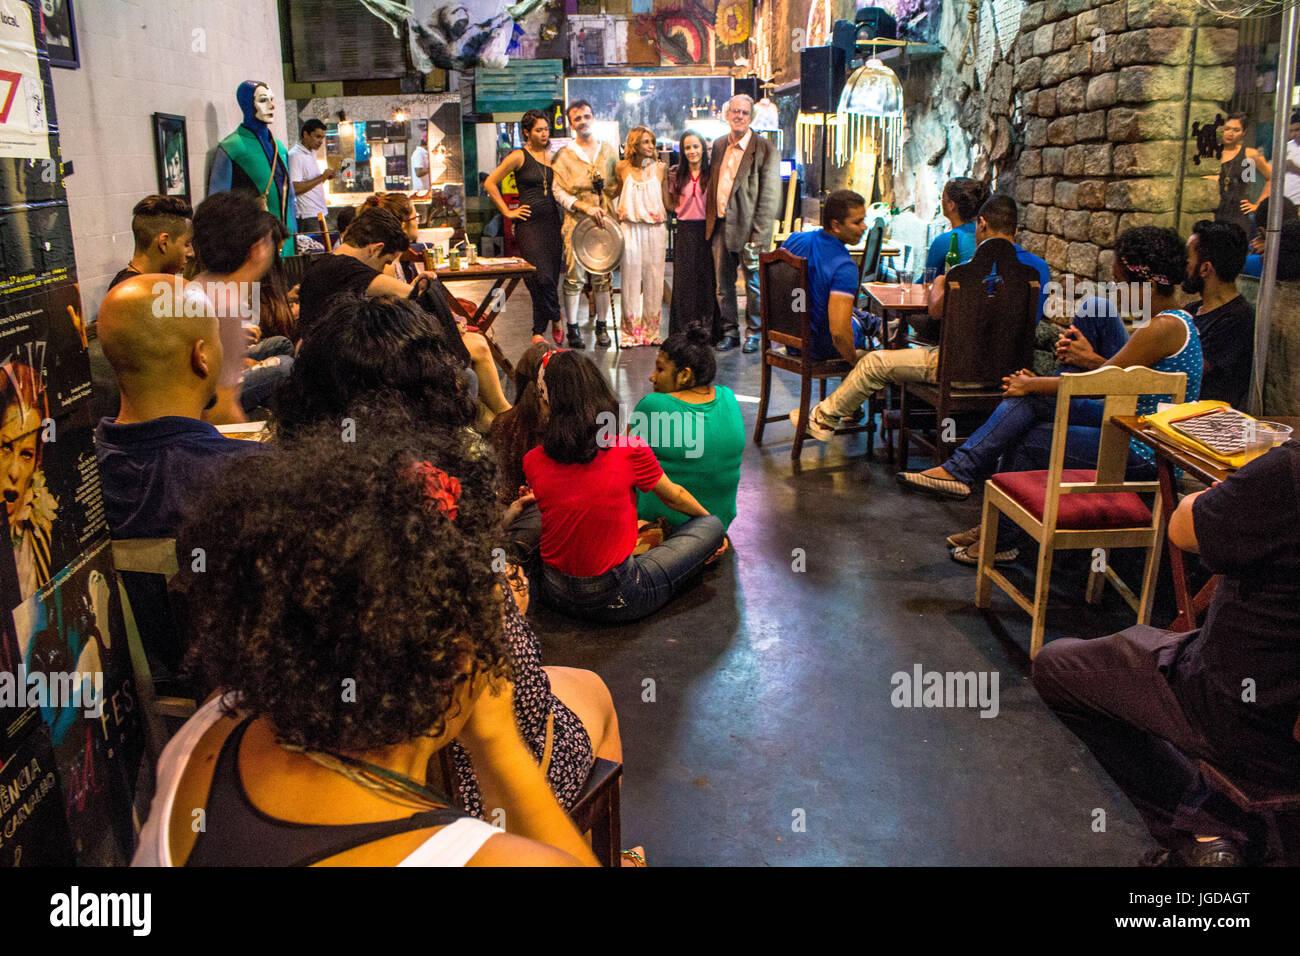 theatrical presentation, bar, Satyrianas Festival 2015 20:11, Capital, Roosevelt Square, Center, São Paulo, - Stock Image